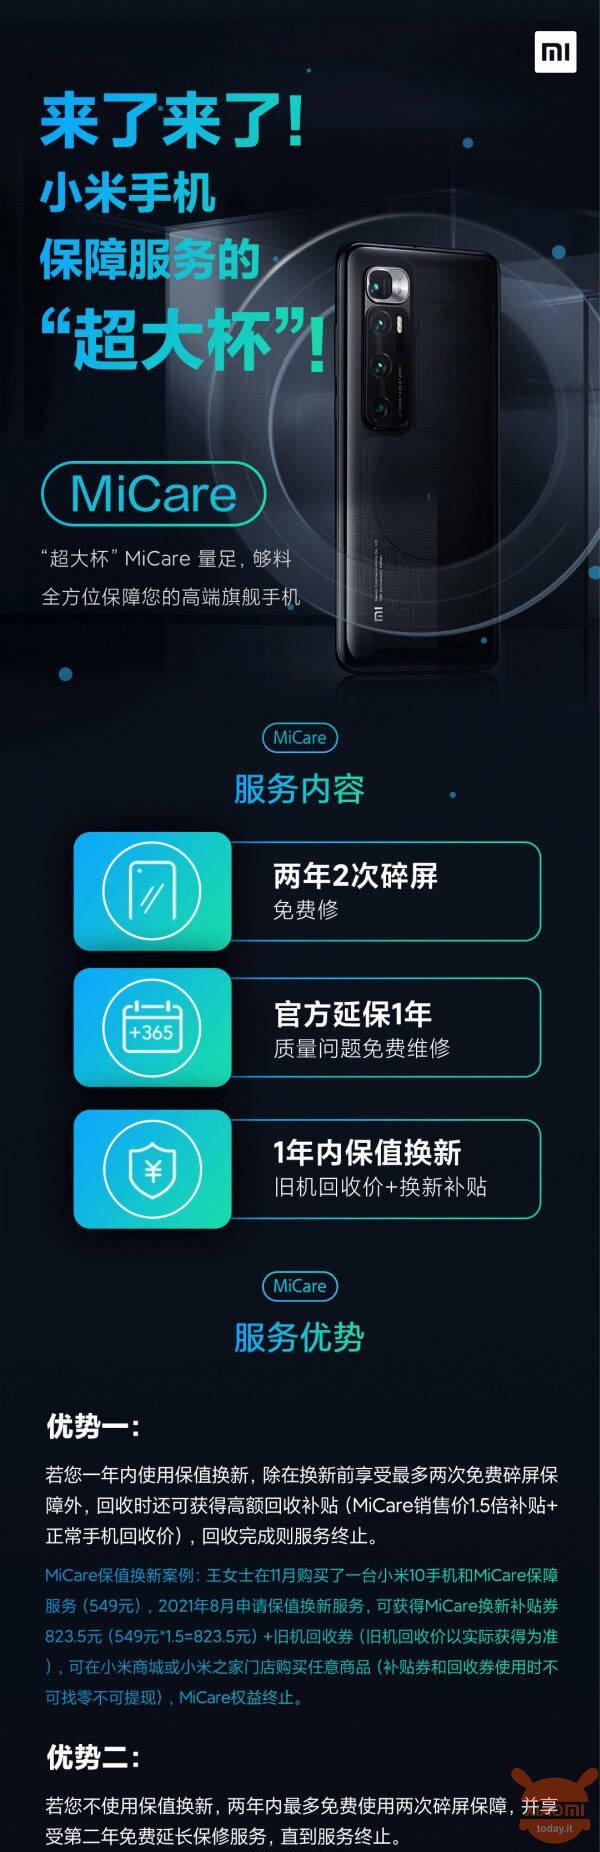 Xiaomi MiCare